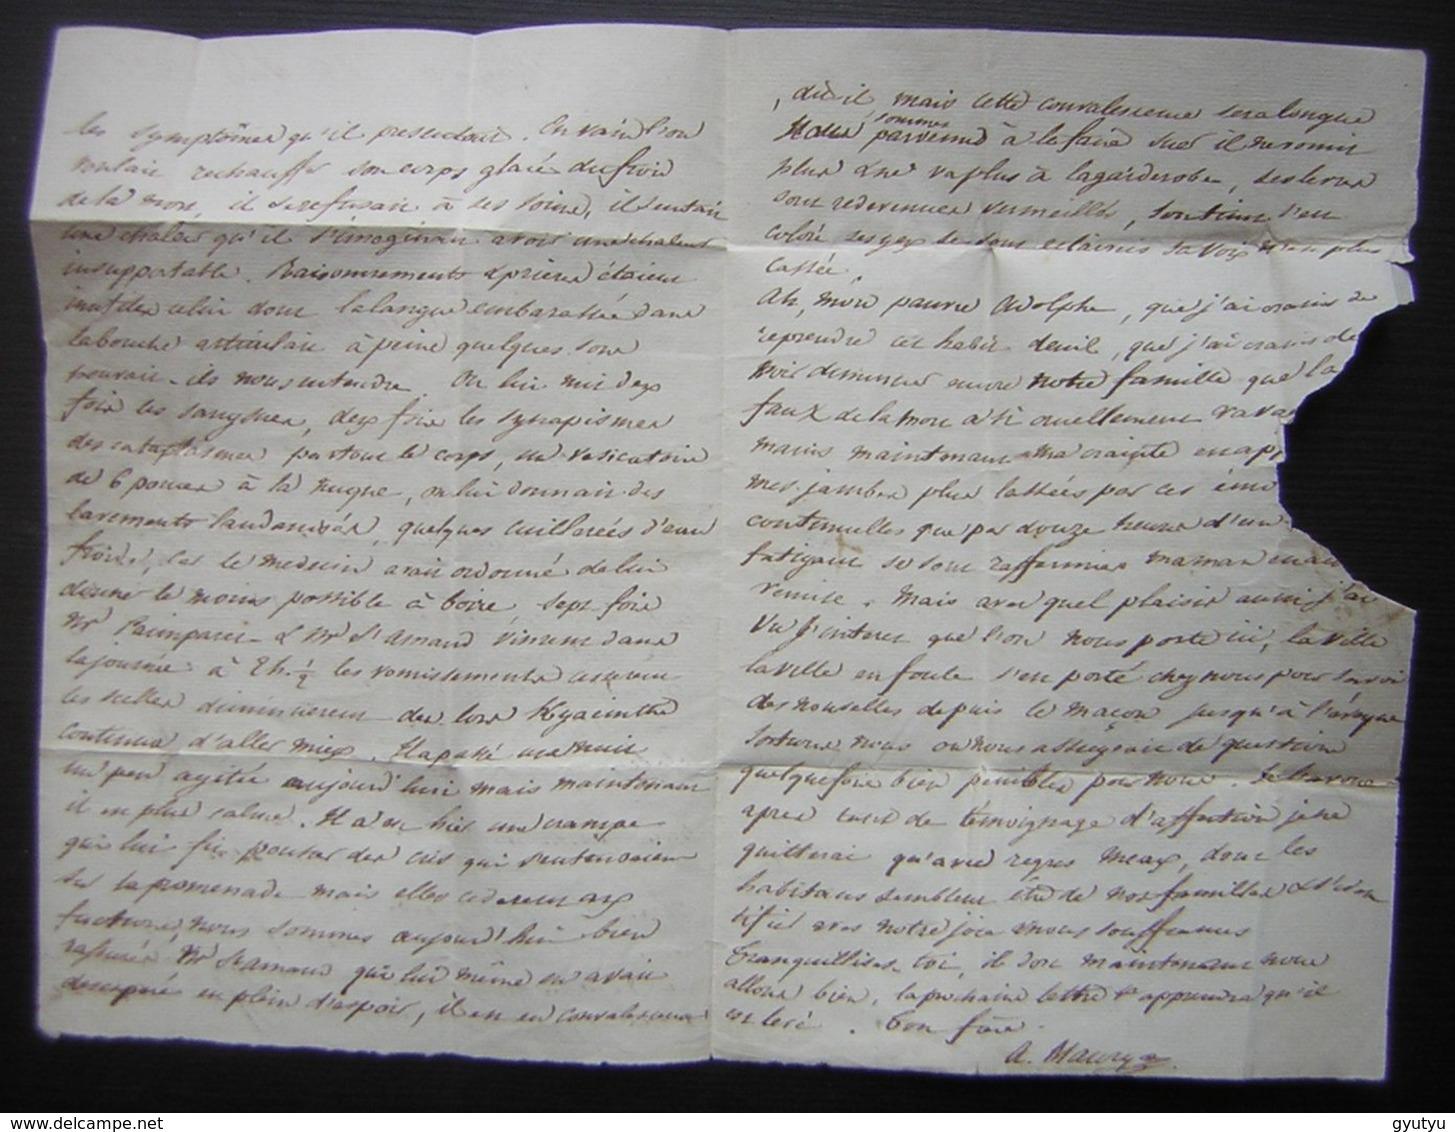 Choléra à Meaux En 1832 Description Des Symptômes Et Traitements D'un Malade Dans Une Lettre Pour  L'École Polytechnique - Manuscrits